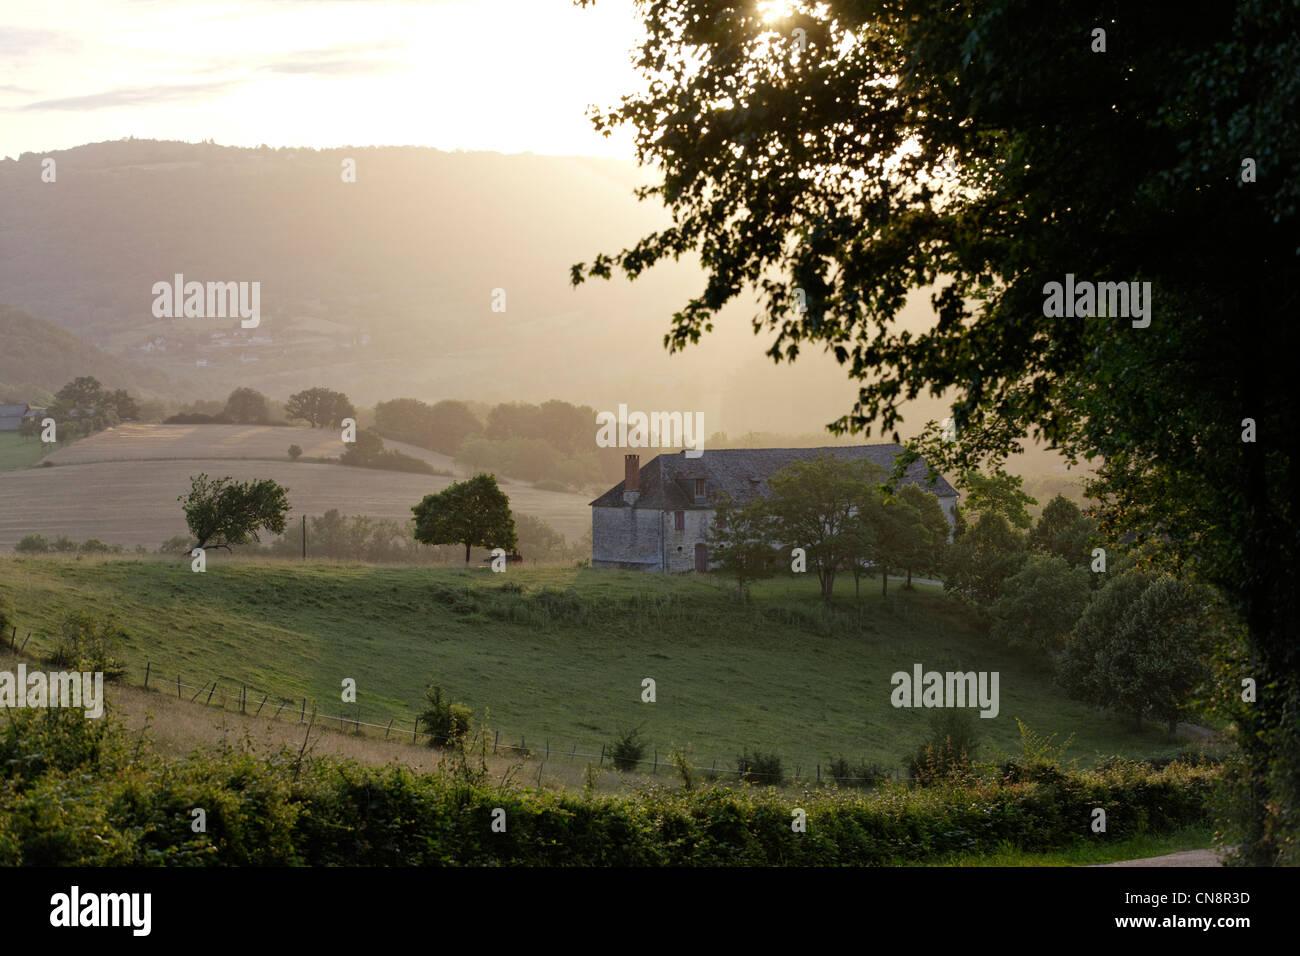 France, Correze, Turenne, labelled Les Plus Beaux Villages de France (The Most Beautiful Villages of France), landscape - Stock Image